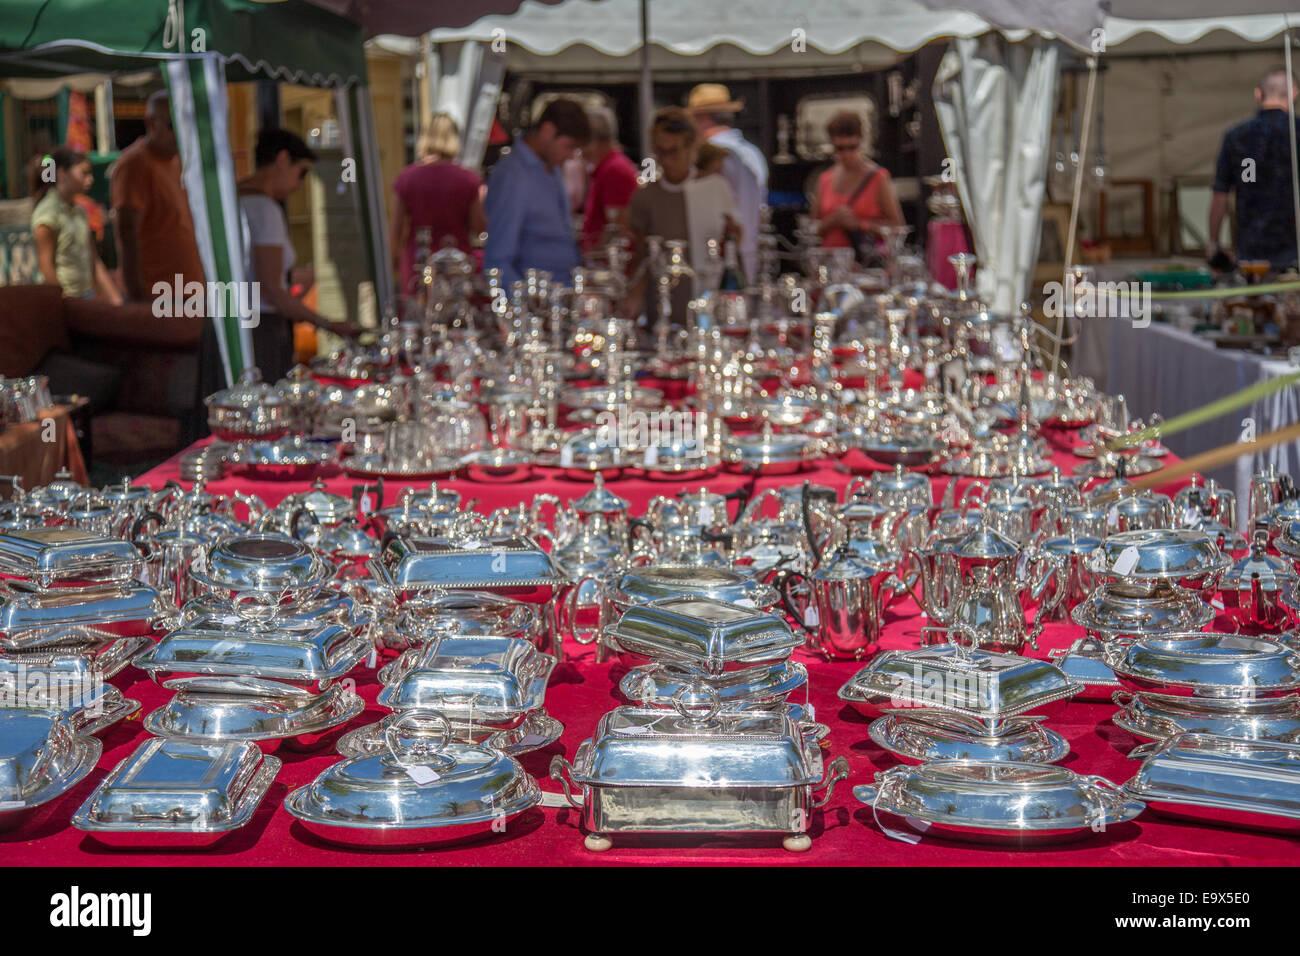 Besteck in der Antiquitätenmarkt, L'Isle-Sur-la-Sorgue, Provence, Frankreich Stockbild